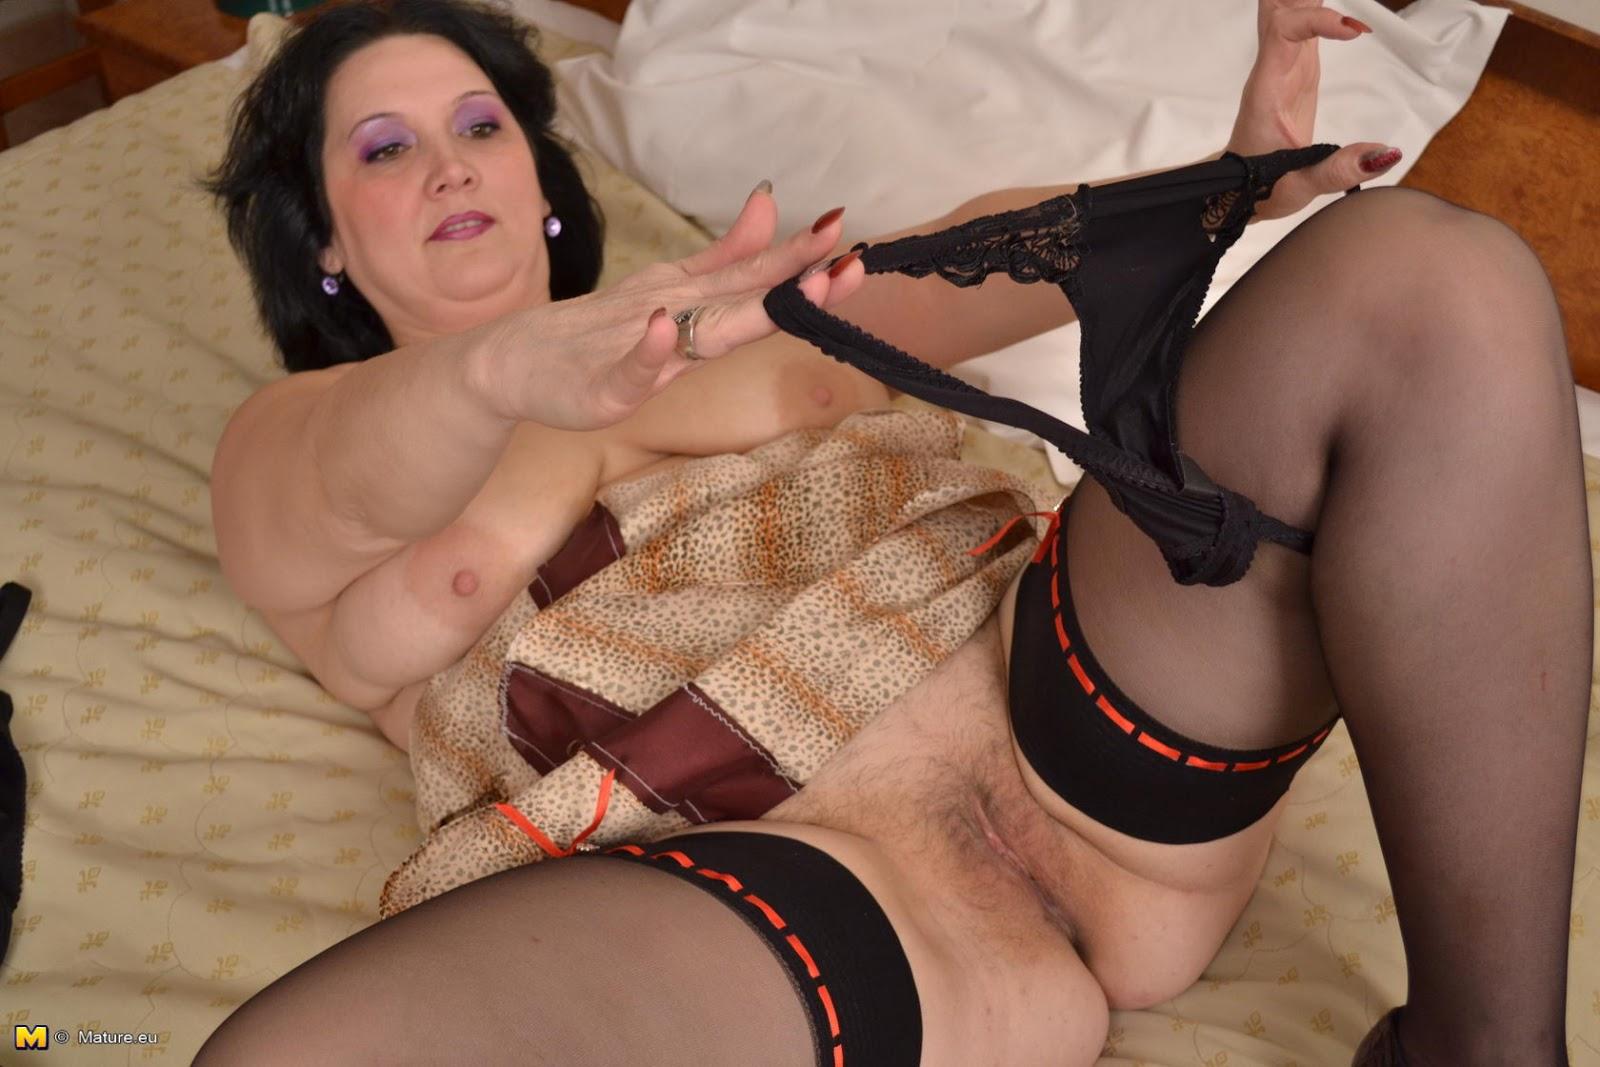 Бесплатное Порно Фото Онлайн Зрелые